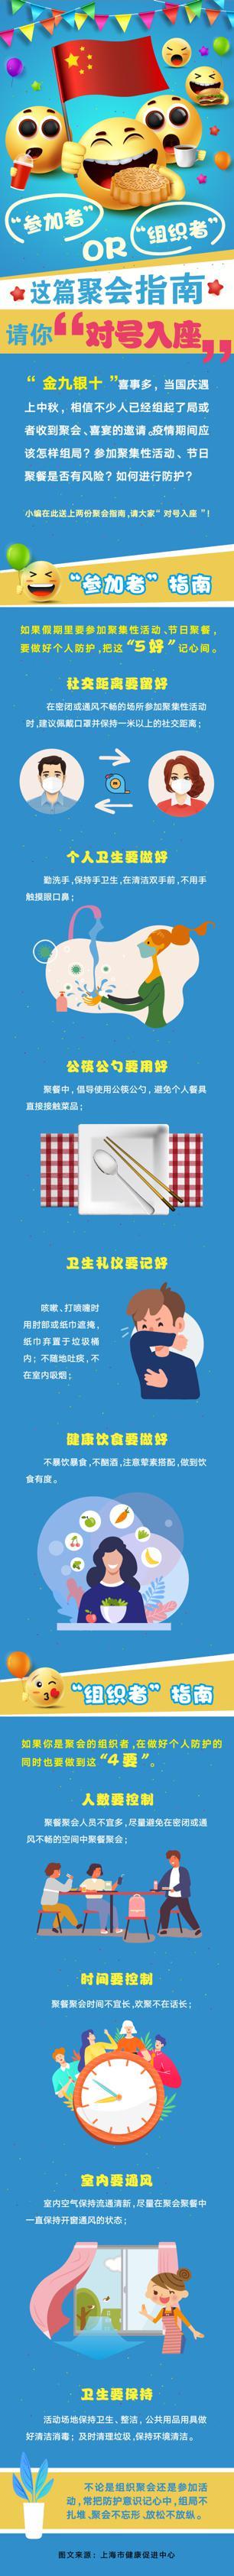 上海发布国庆中秋聚会健康防护指南。 上海市健康促进中心供图